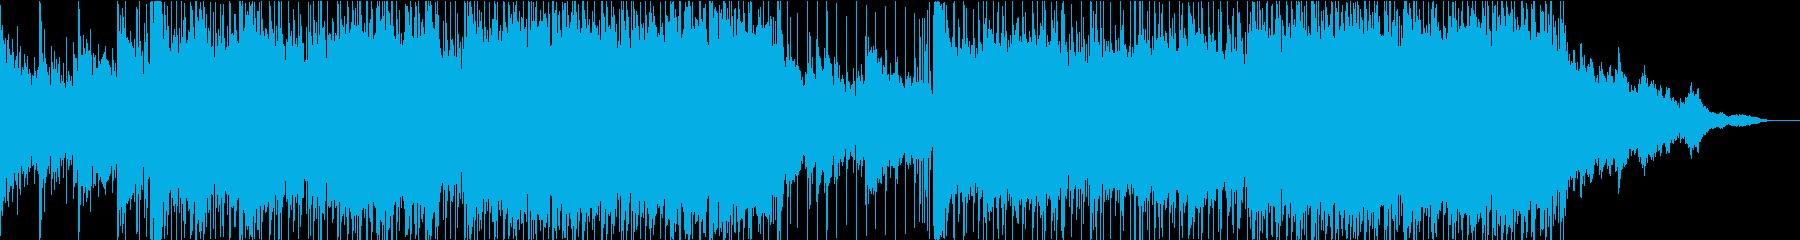 明るいアップテンポなギターポップの再生済みの波形